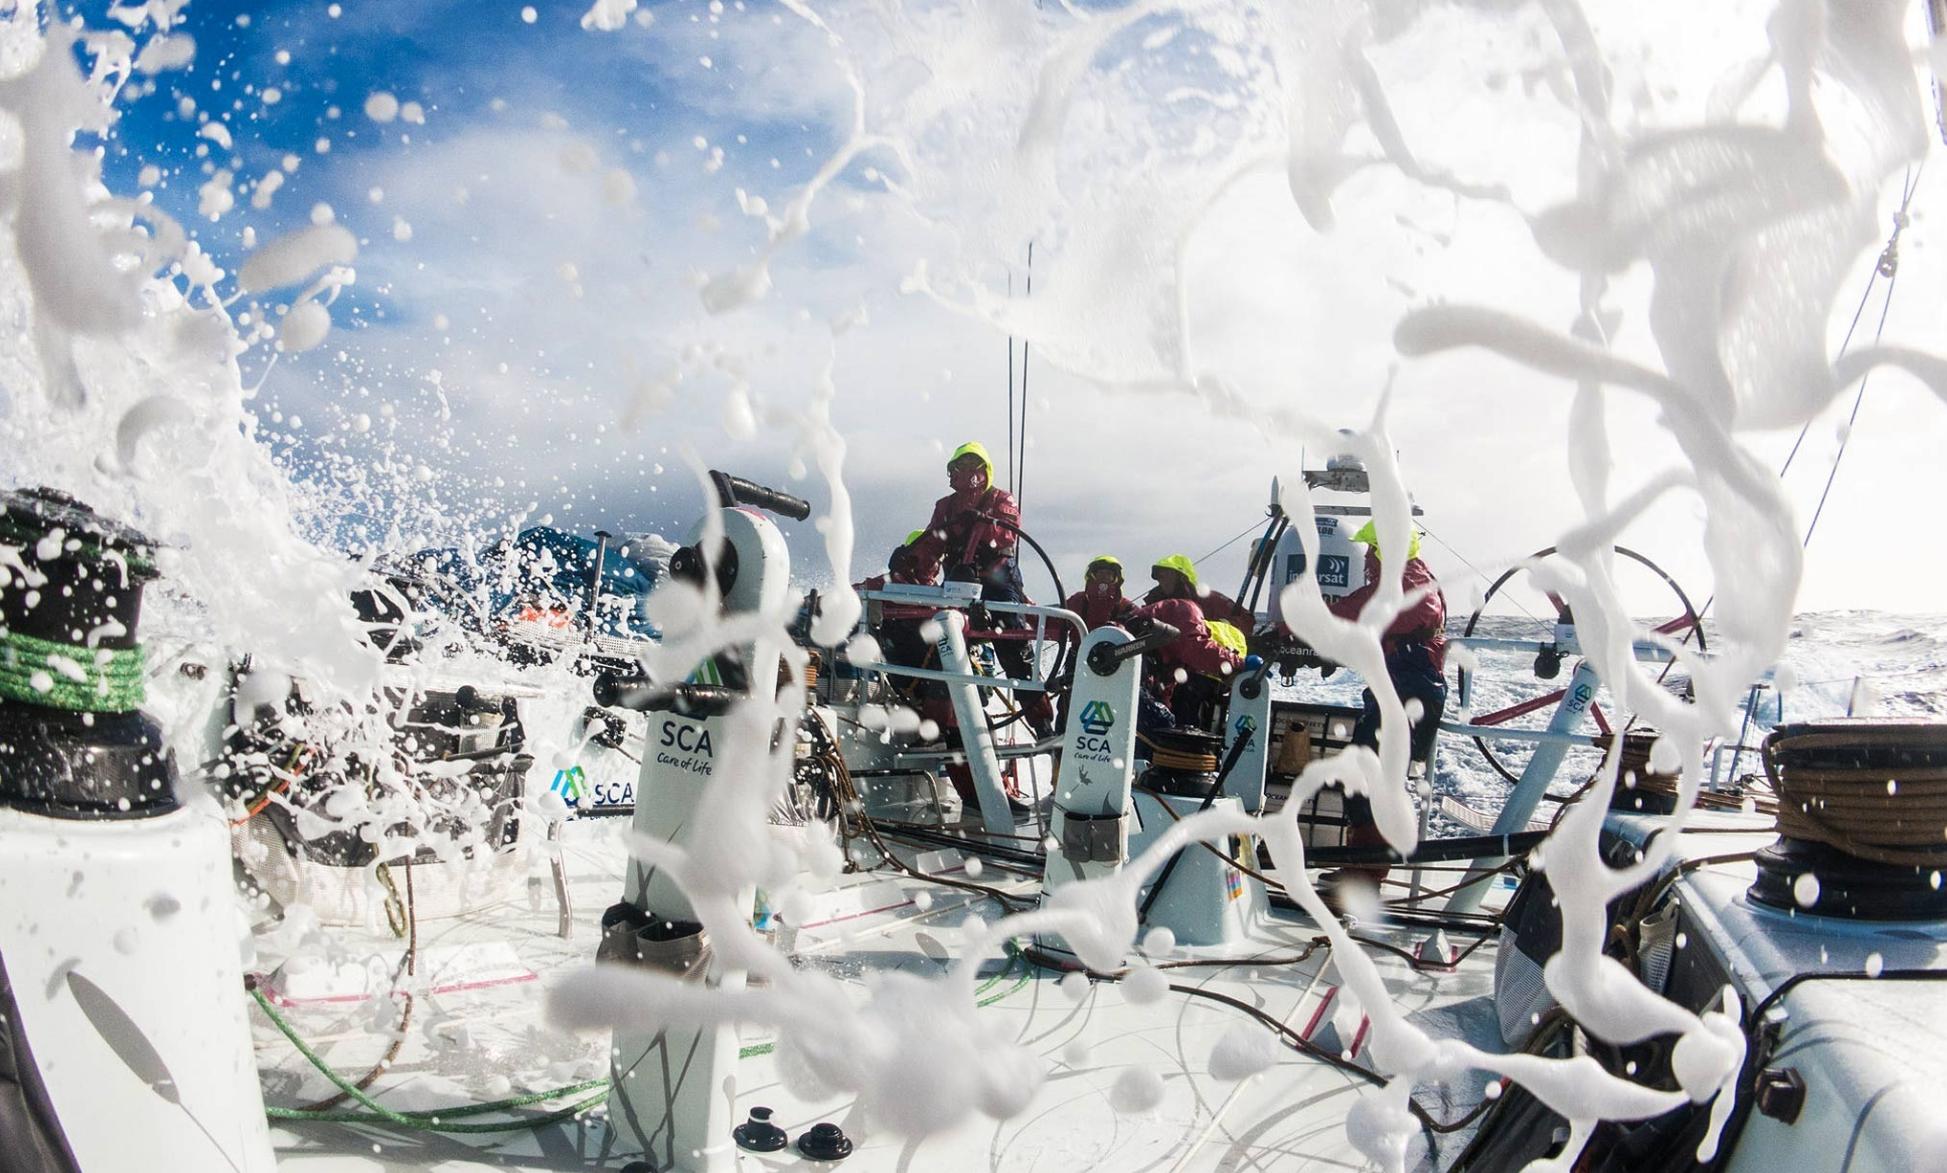 日程表,中国,帆船 中国2016年帆船比赛日程表 4043356fb40468e03d.png